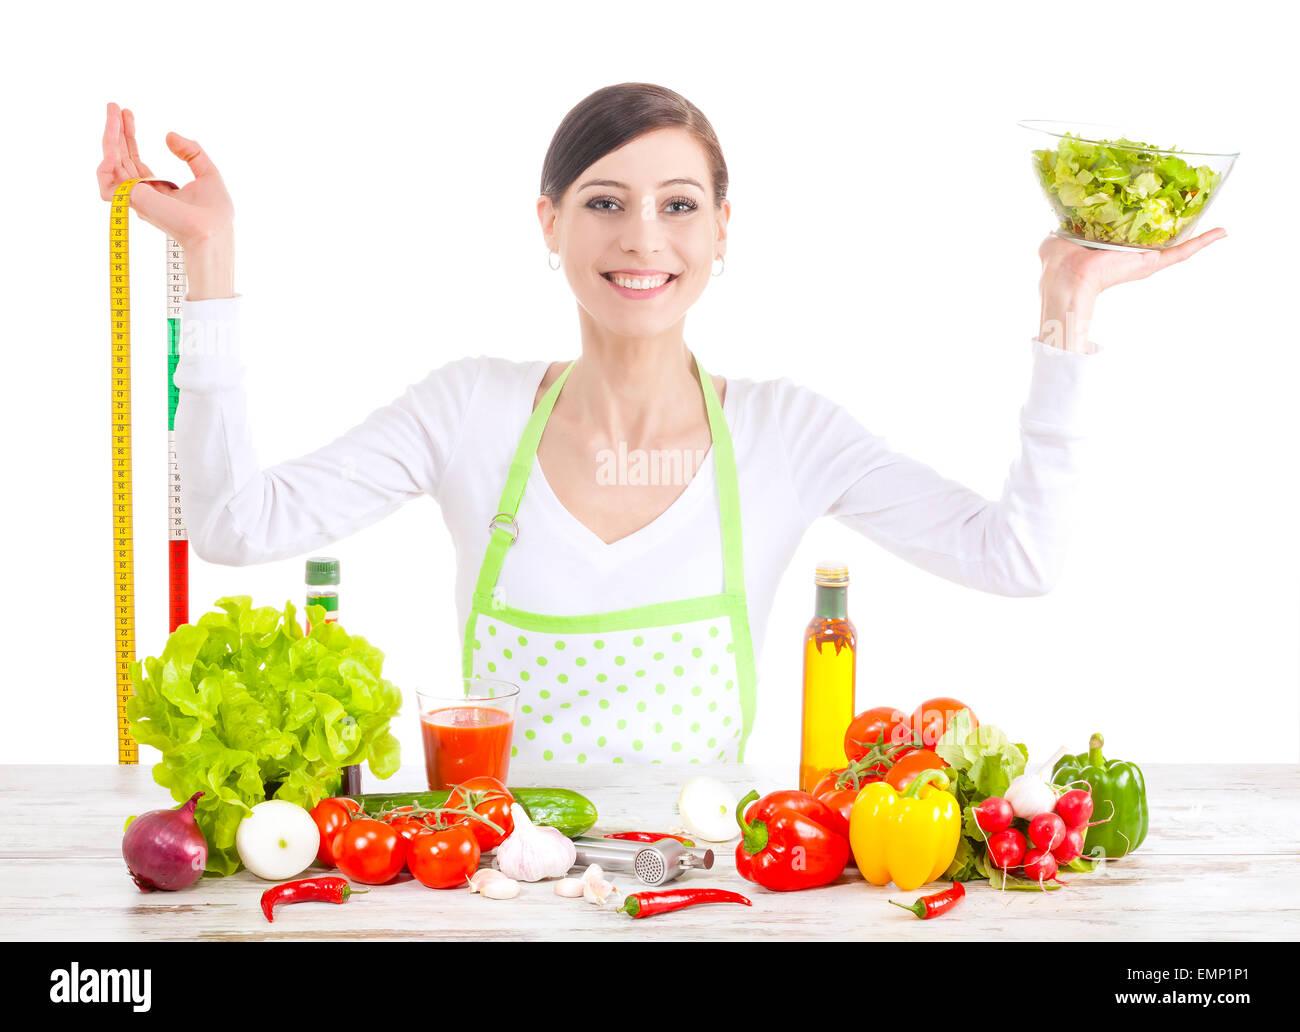 Joven Mujer feliz con ensalada y cinta de medir, la comida sana y la dieta concepto. Imagen De Stock